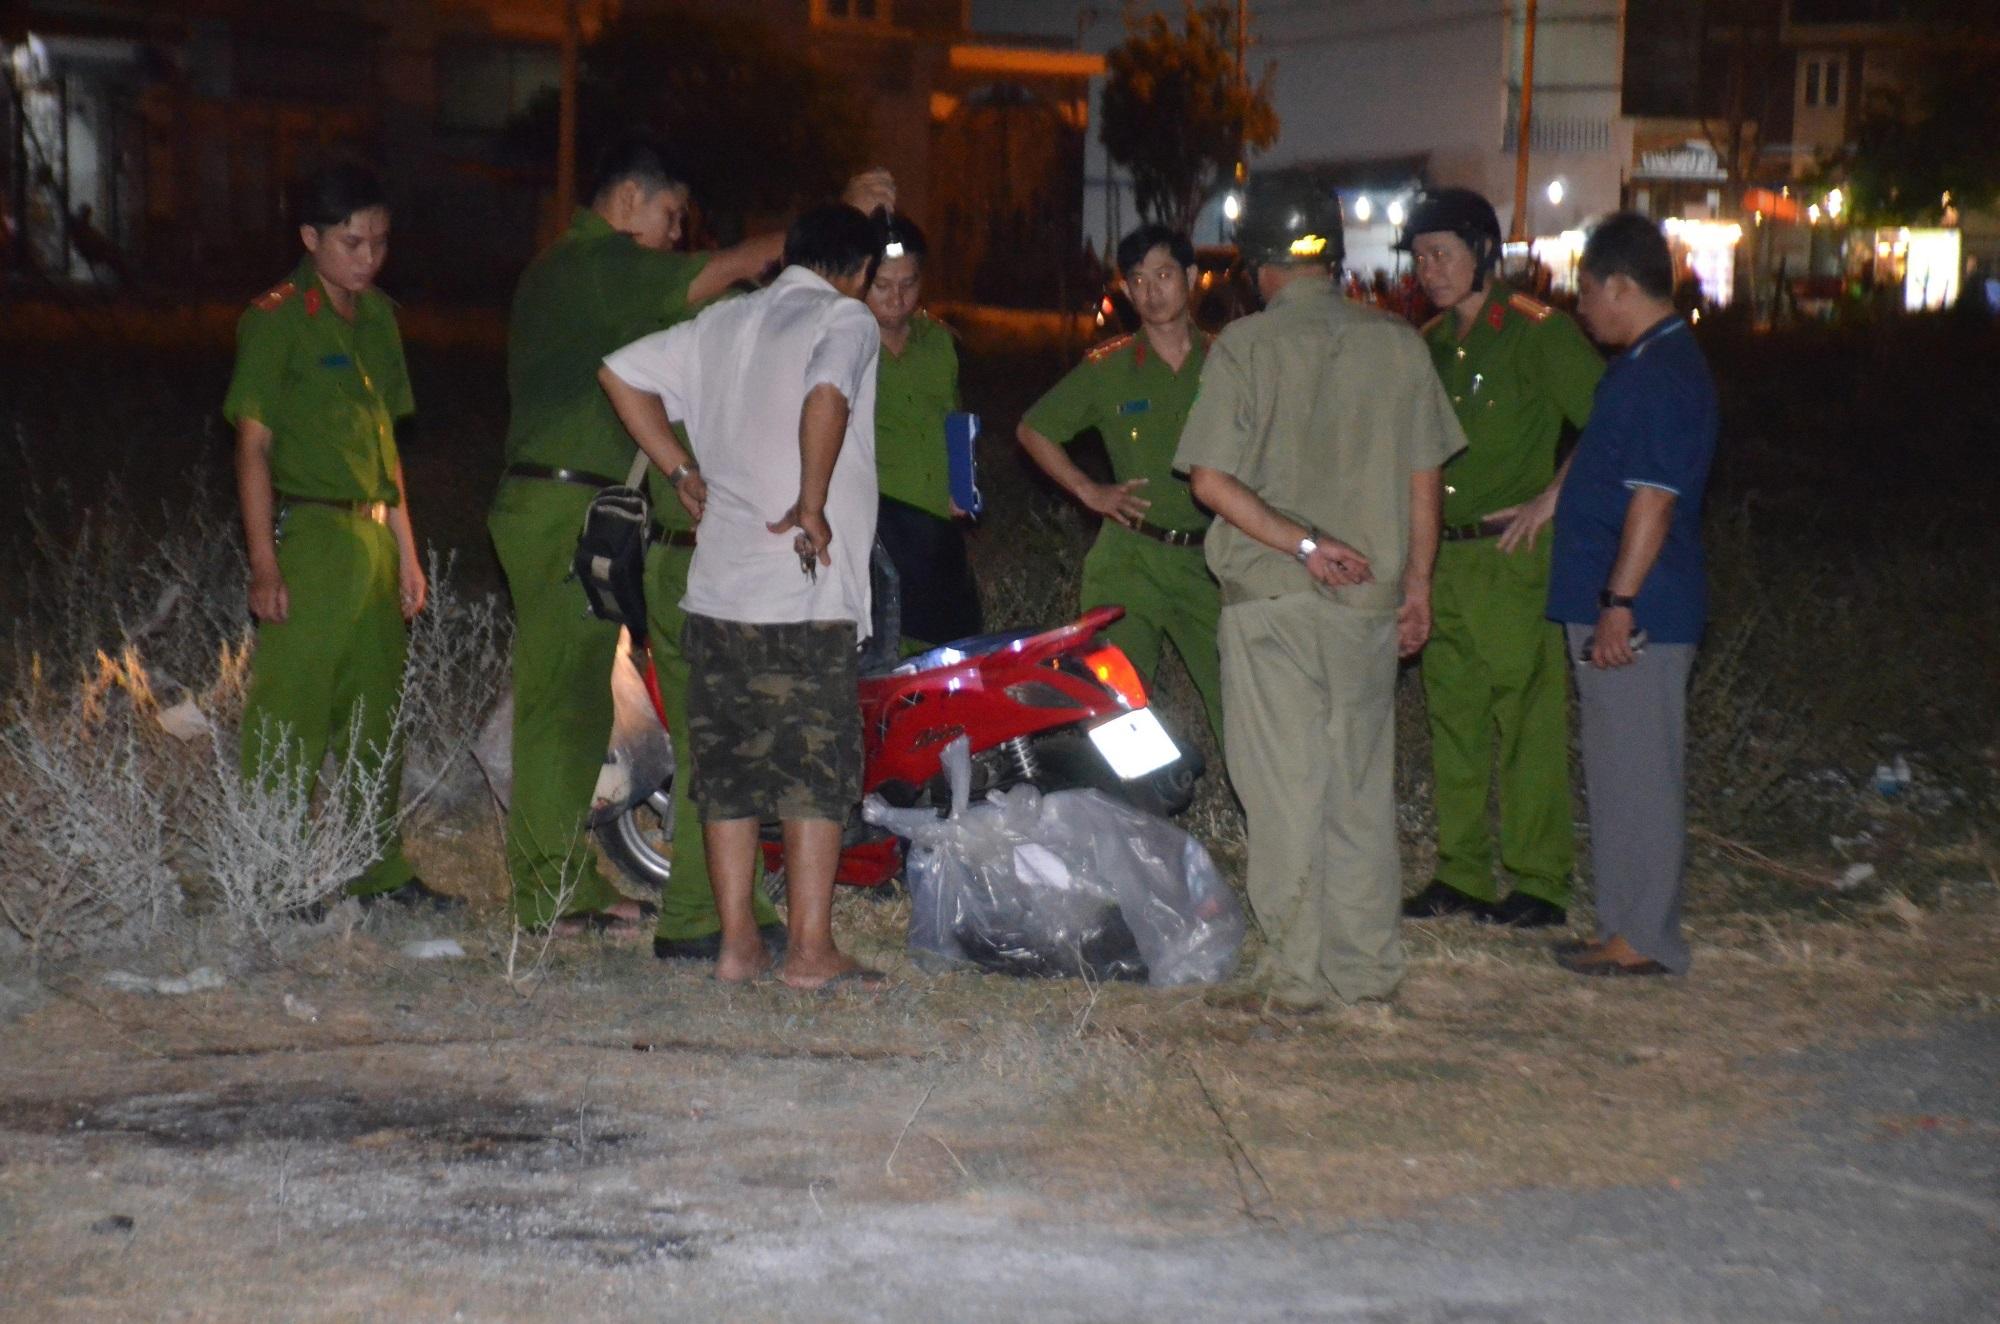 Vụ đôi nam nữ bốc cháy dữ dội tại bãi đất trống ở Sài Gòn: Hé lộ nguyên nhân bất ngờ - Ảnh 2